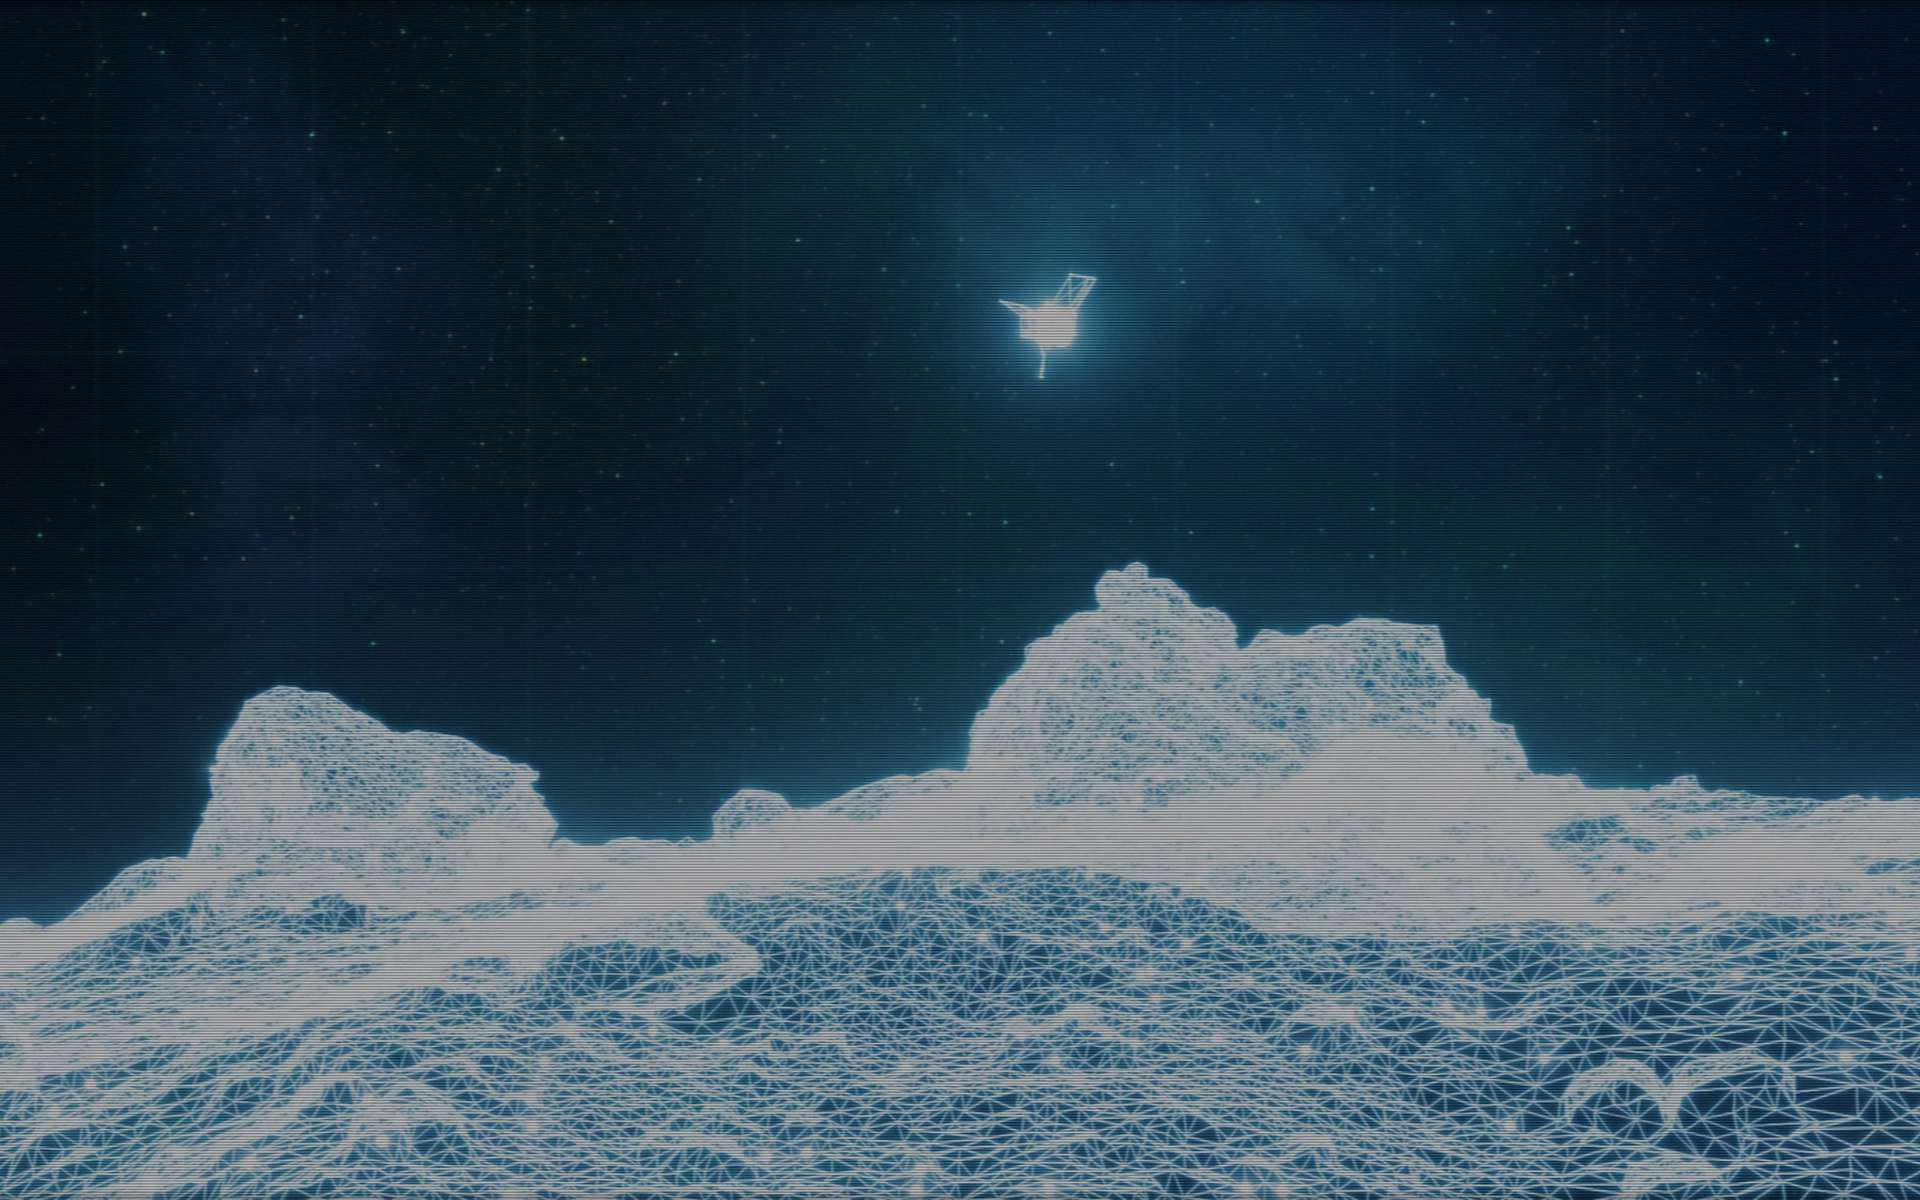 Les ingénieurs de la Nasa ont prévu de poser, le 20 octobre 2020, la sonde Osiris-Rex sur l'astéroïde Bennu et d'y prélever des échantillons de roche. © Nasa, Goddard Space Flight Center